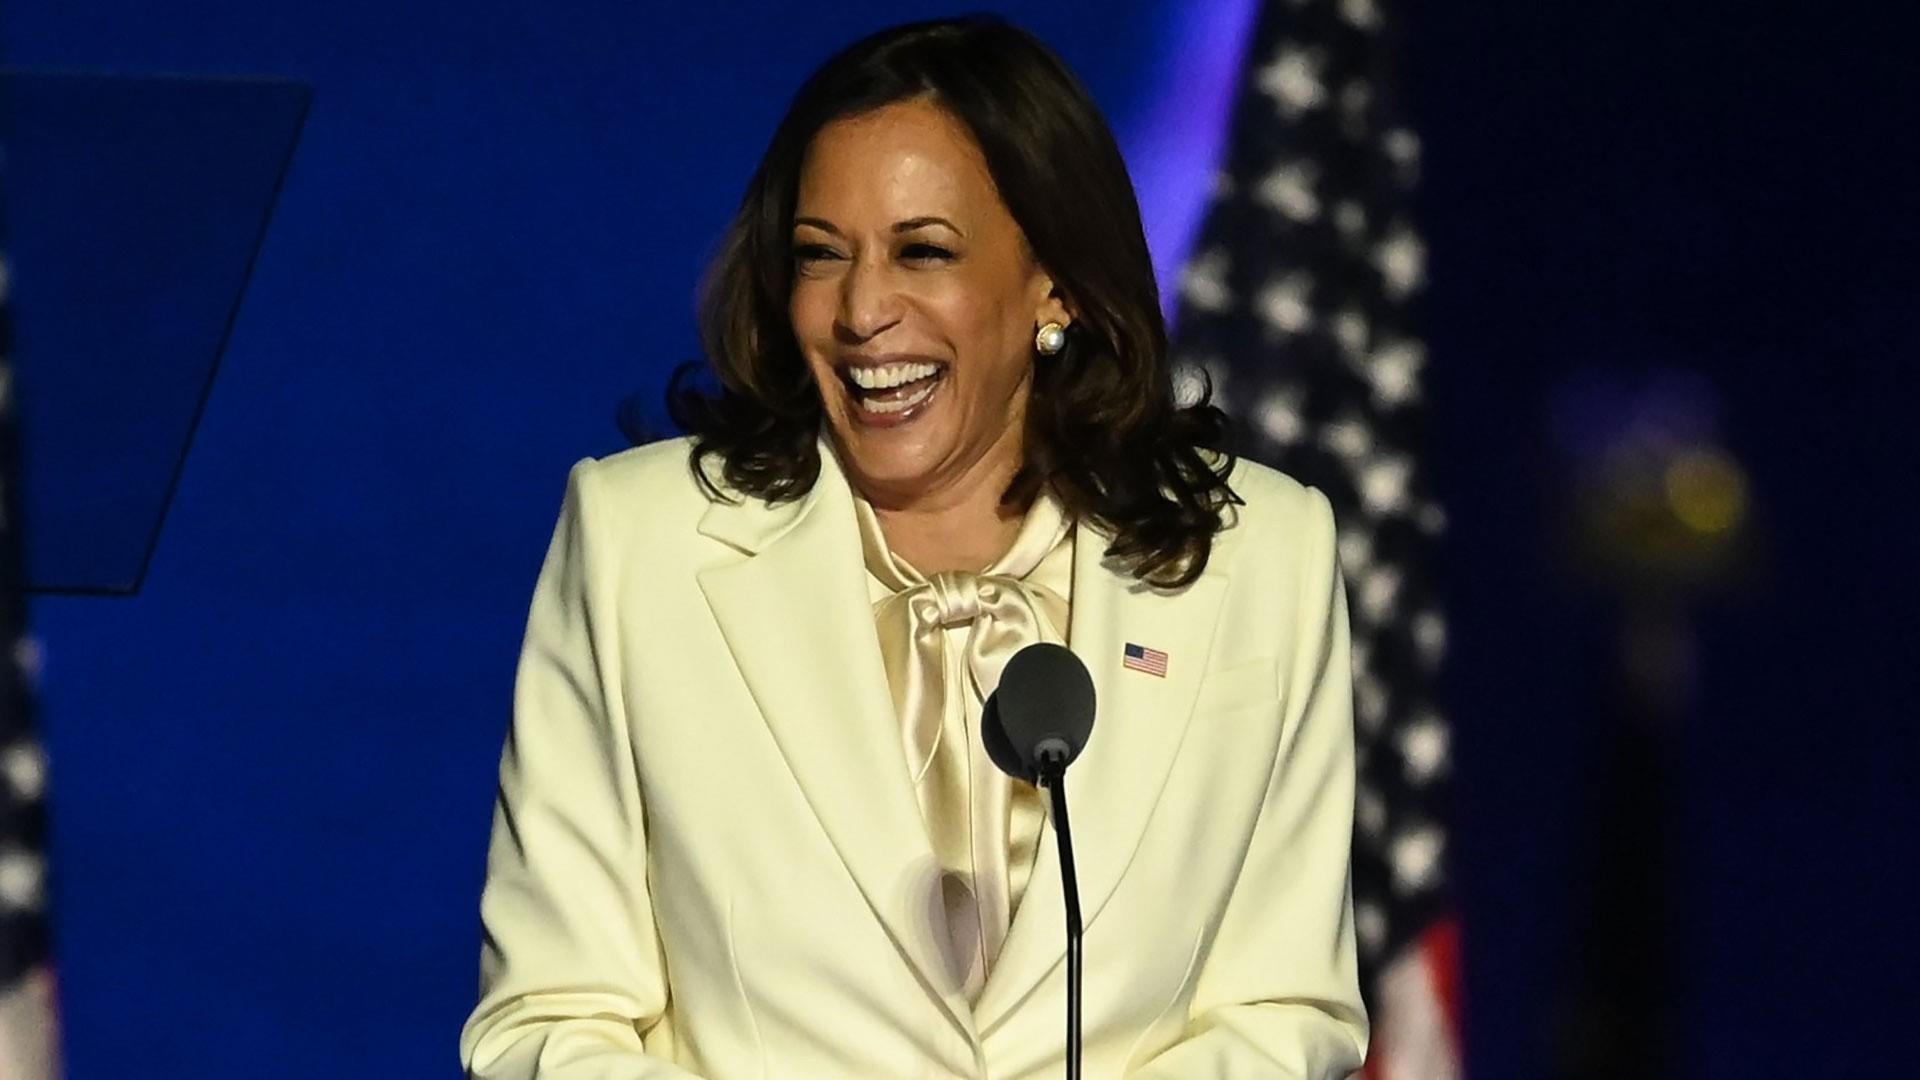 Камала Харрис: Америк бол хүйсээс үл шалтгаалан хүн бүрт боломж олгодог улс